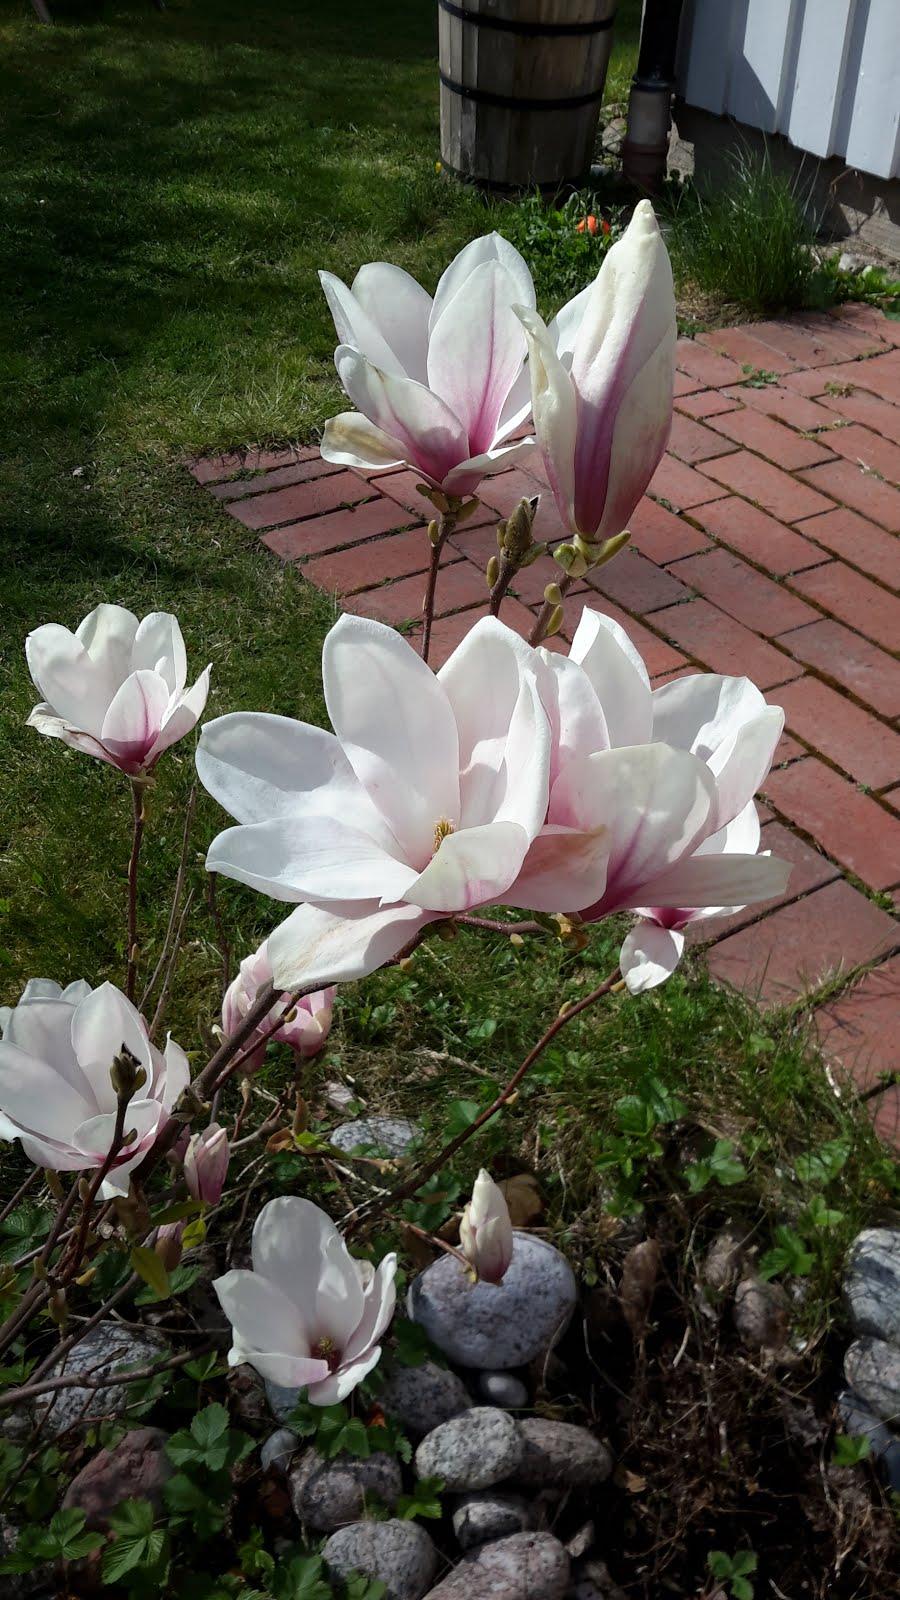 Blogg om trädgård, pyssel, mat och min funkisfamilj